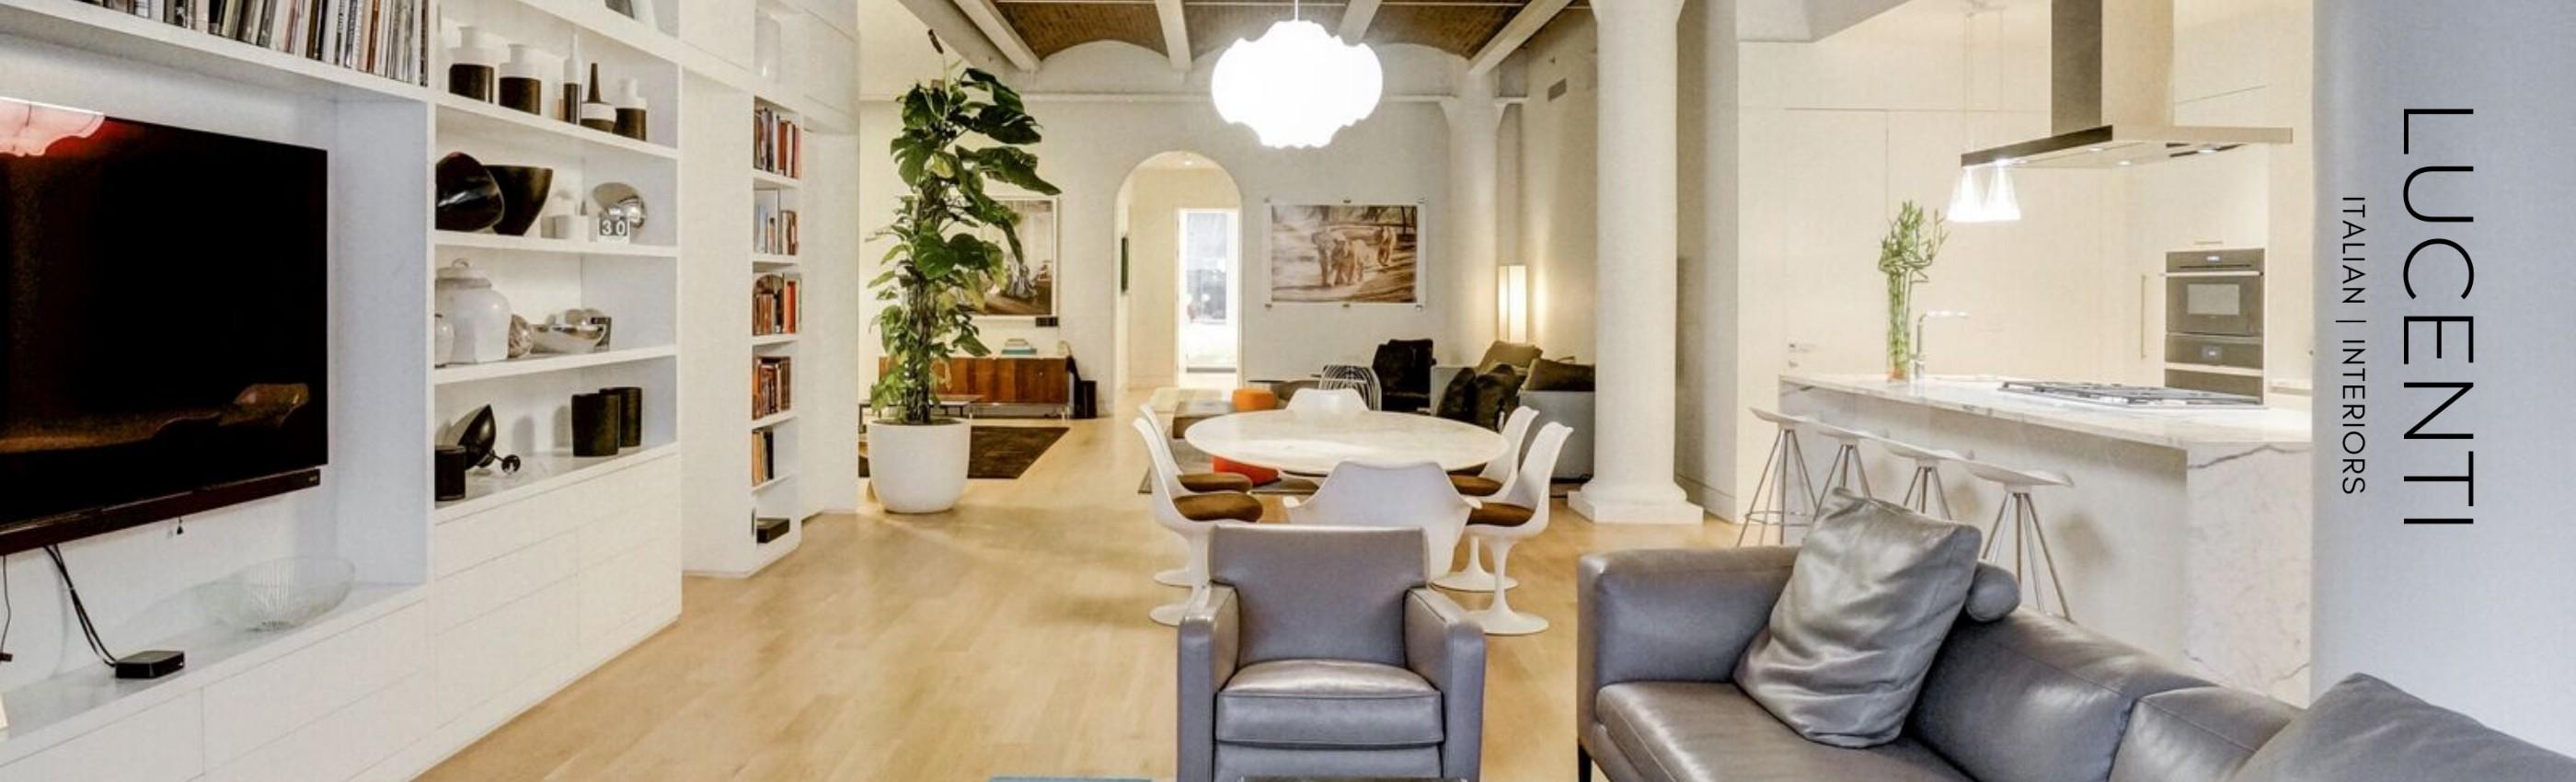 Home Design Busto Arsizio lucenti interiors | linkedin